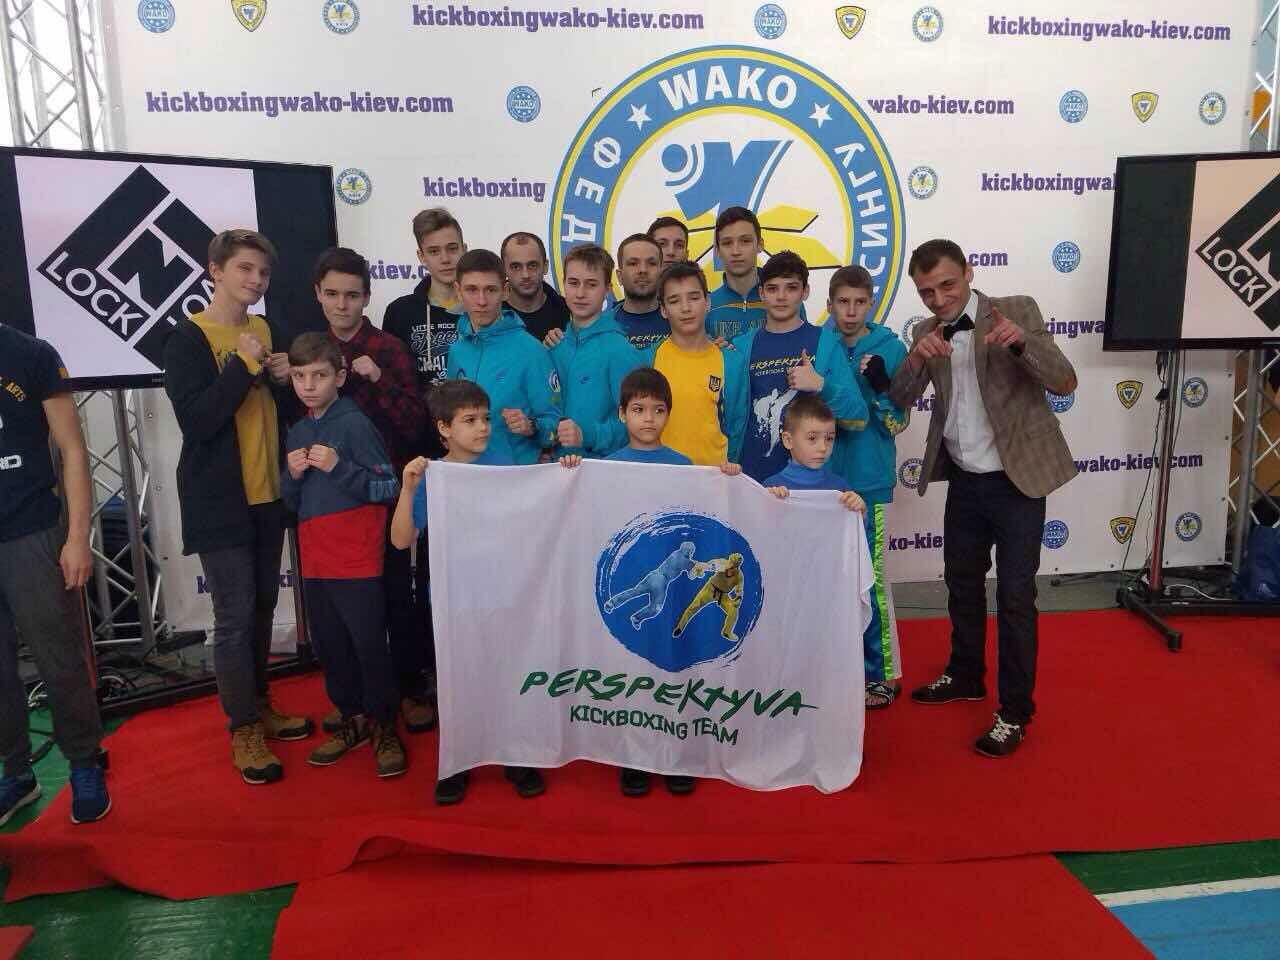 champ-Kyiv-2018-4 Хто зібрав найбільший врожай на чемпіонаті Києва?champ Kyiv 2018 4 -